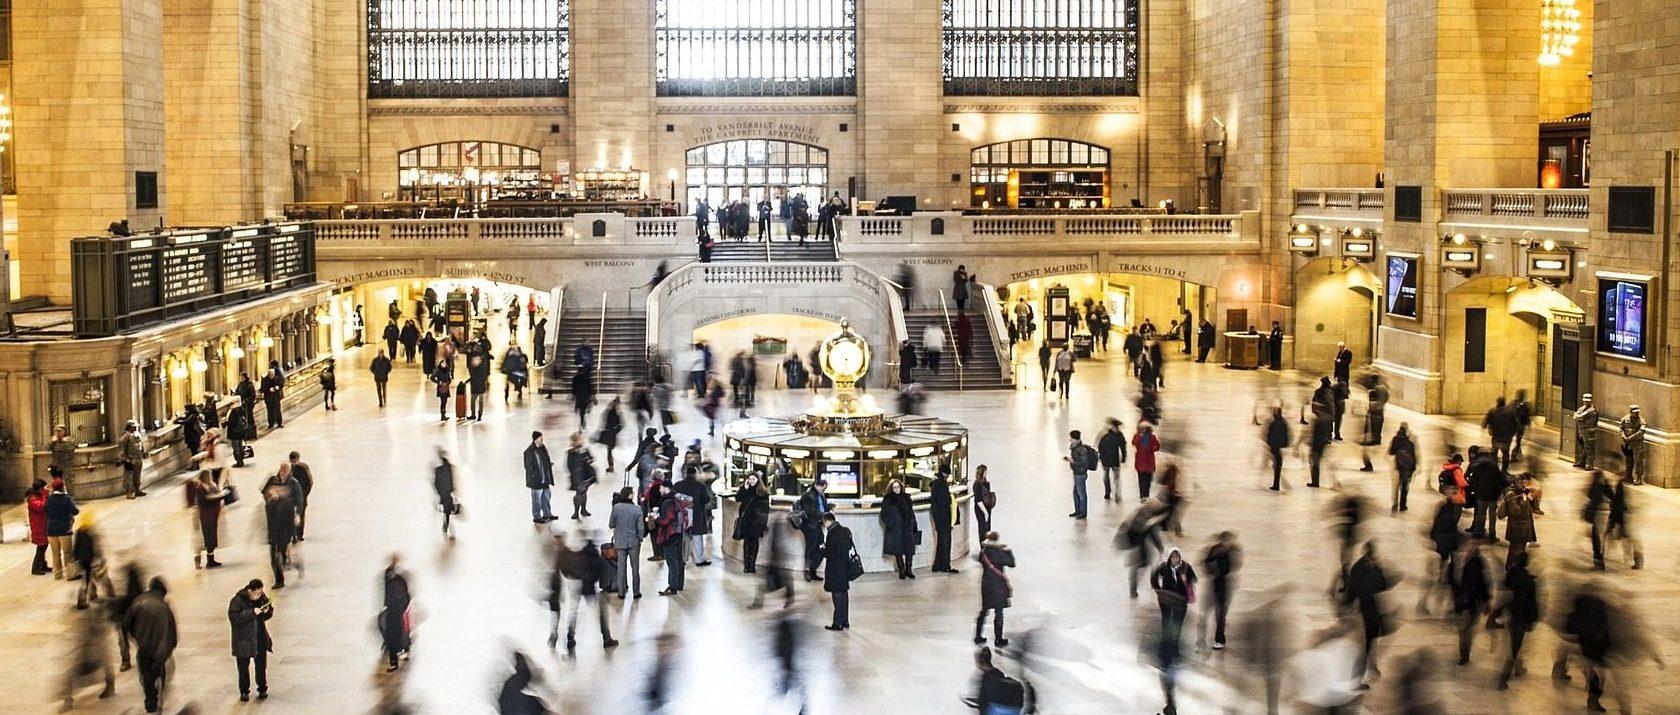 Menschen in der Grand Central Station Halle